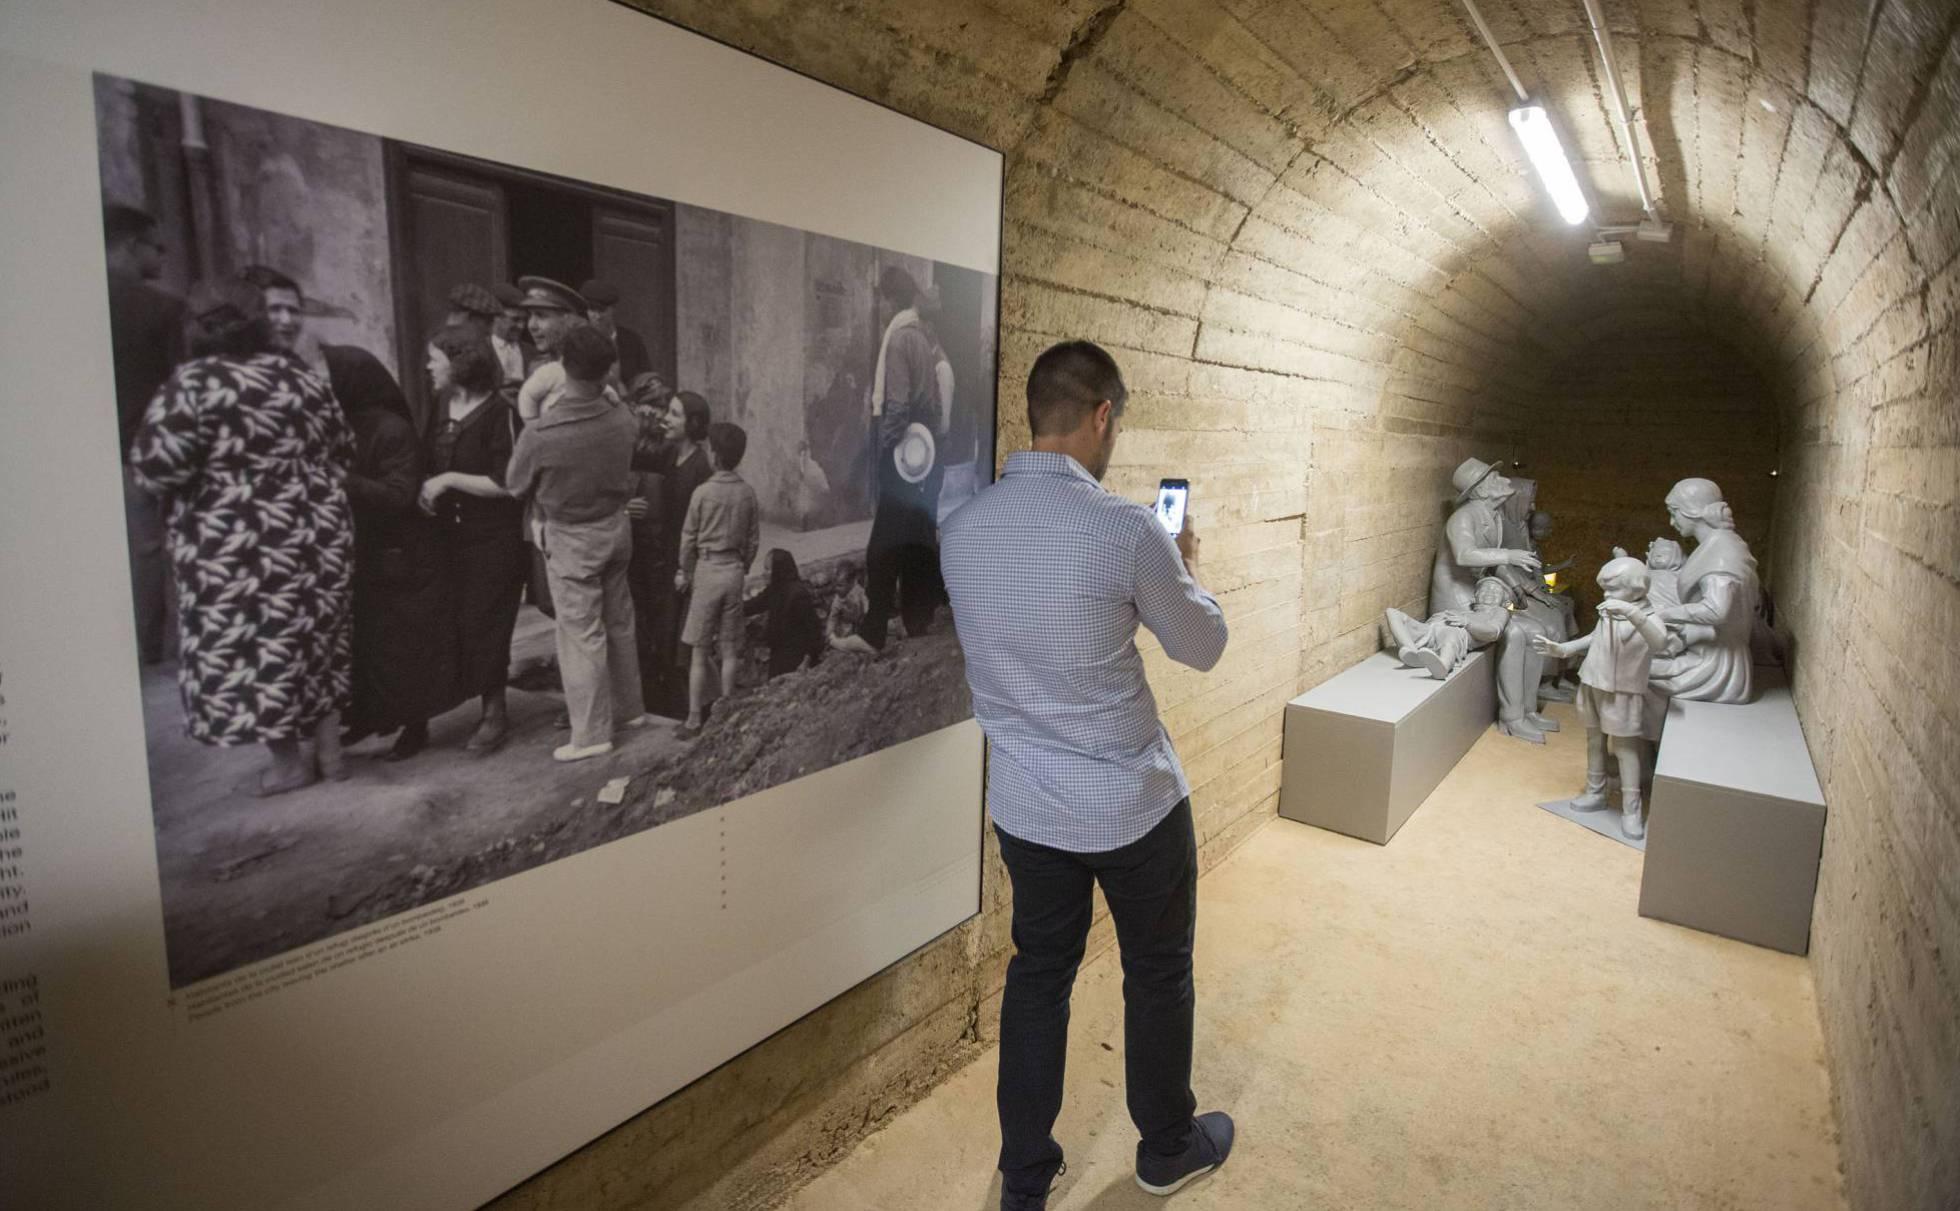 В Валенсии создан культурный проект, объединяющий 1066 объектов времен Гражданской войны